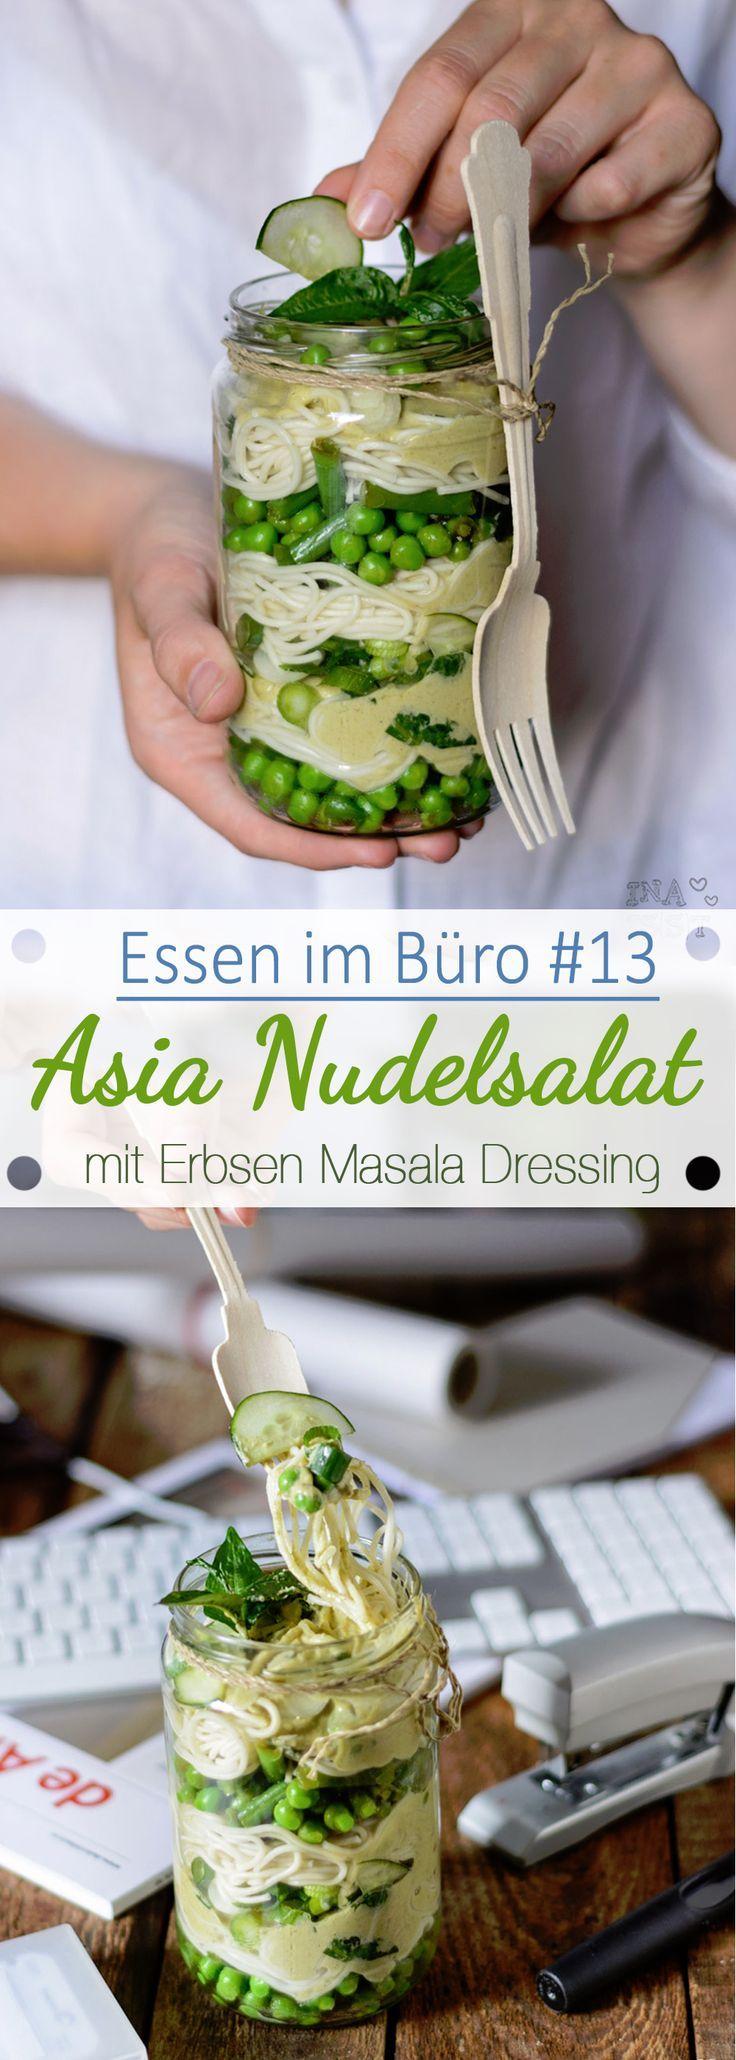 Essen im Büro #13 – Asiatischer Nudelsalat mit Erbsen Masala Dressing